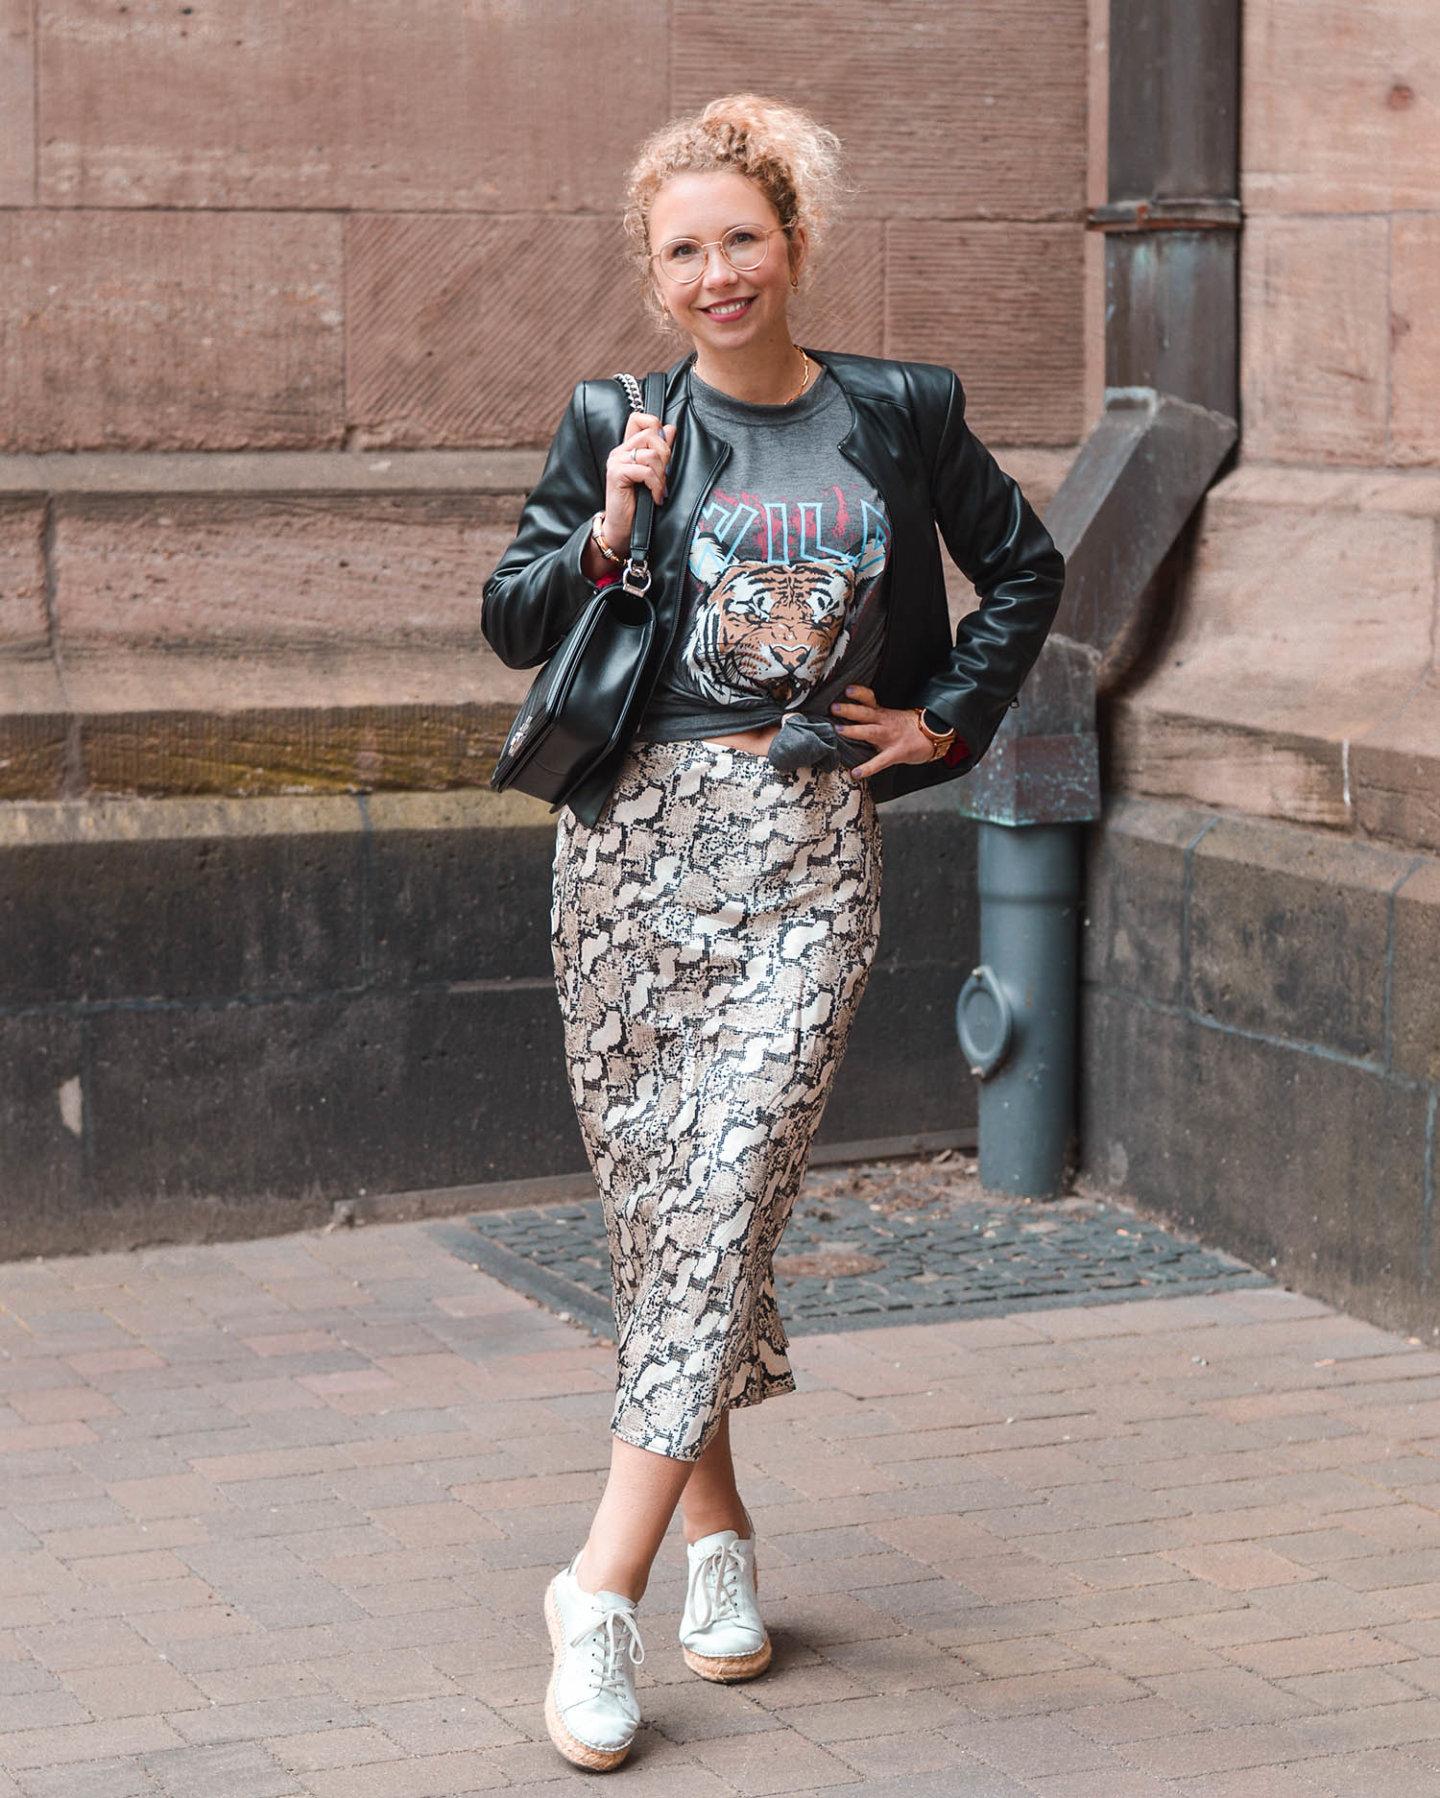 Mustermix mit Satinrock und Rock-Shirt a la Anine Bing